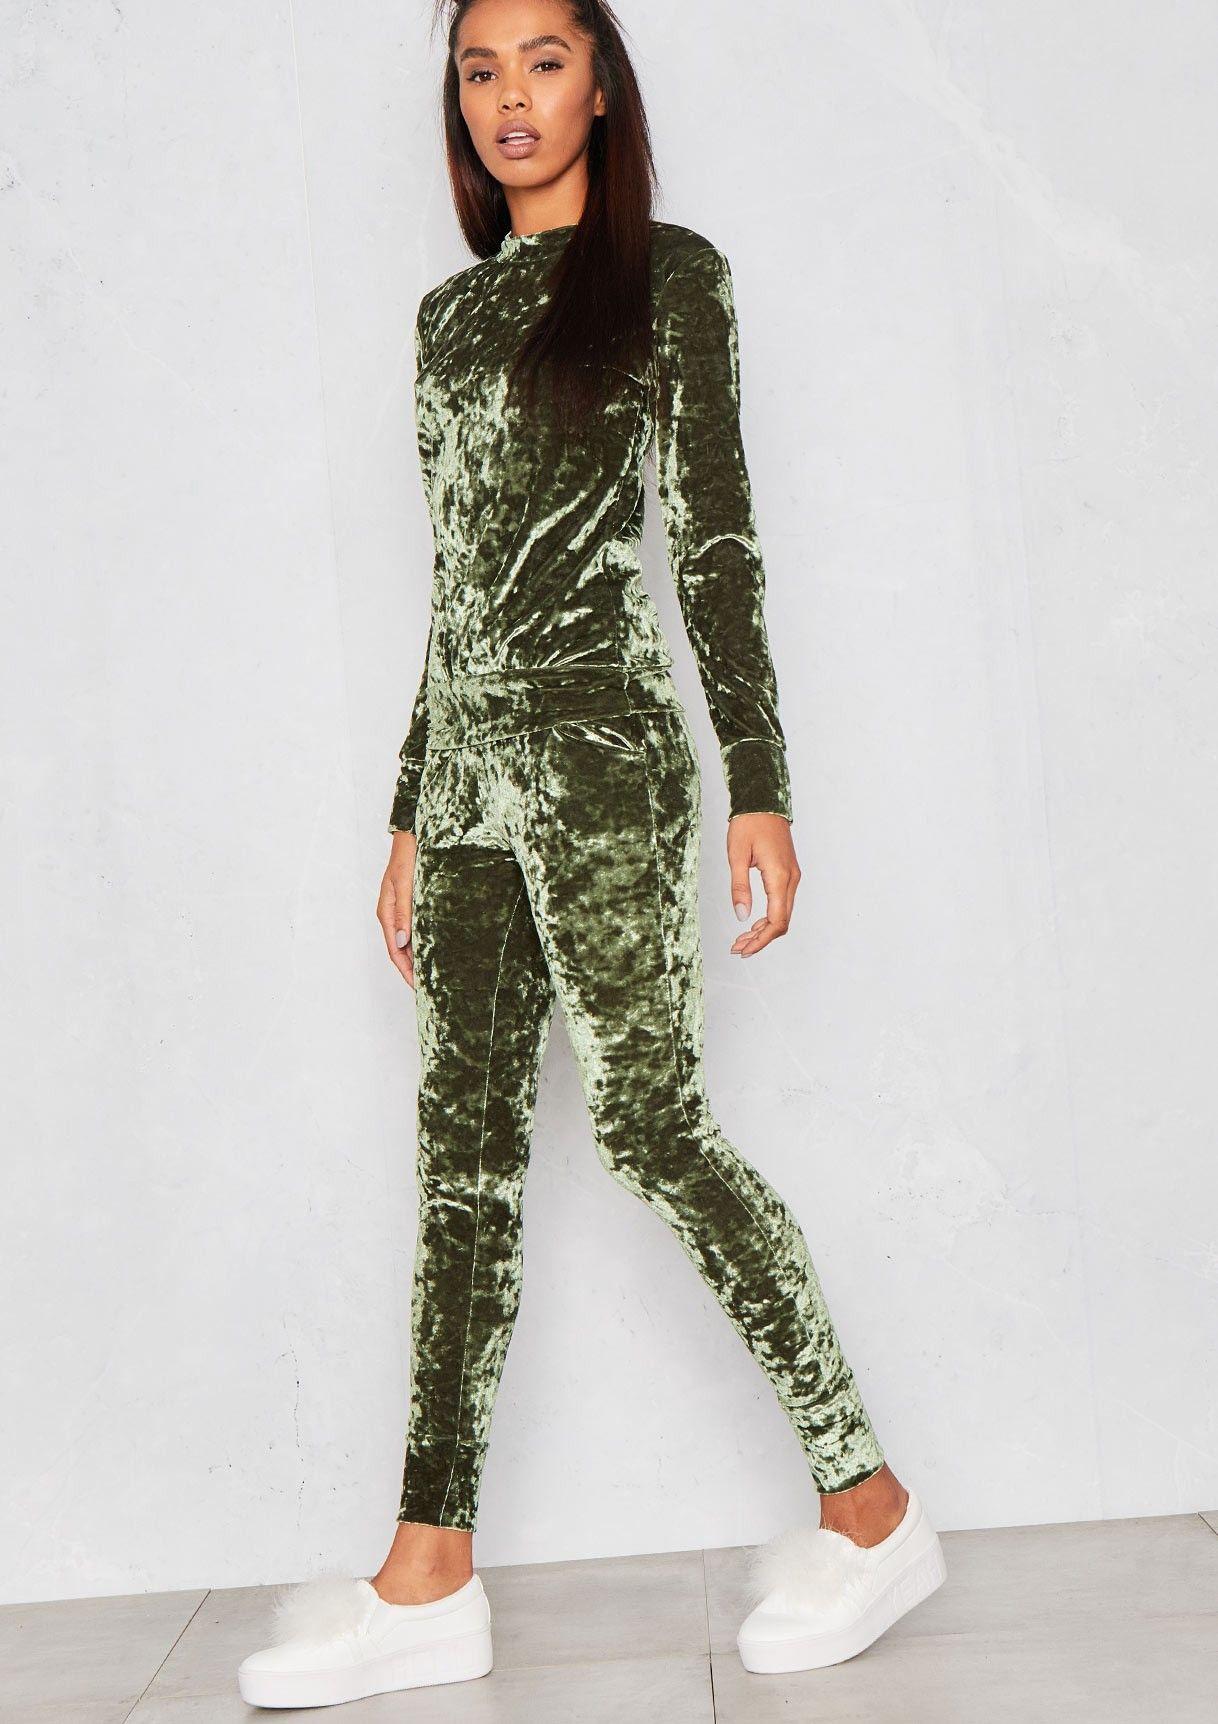 Viviana Green Crushed Velvet Lounge Tracksuit | Velvet